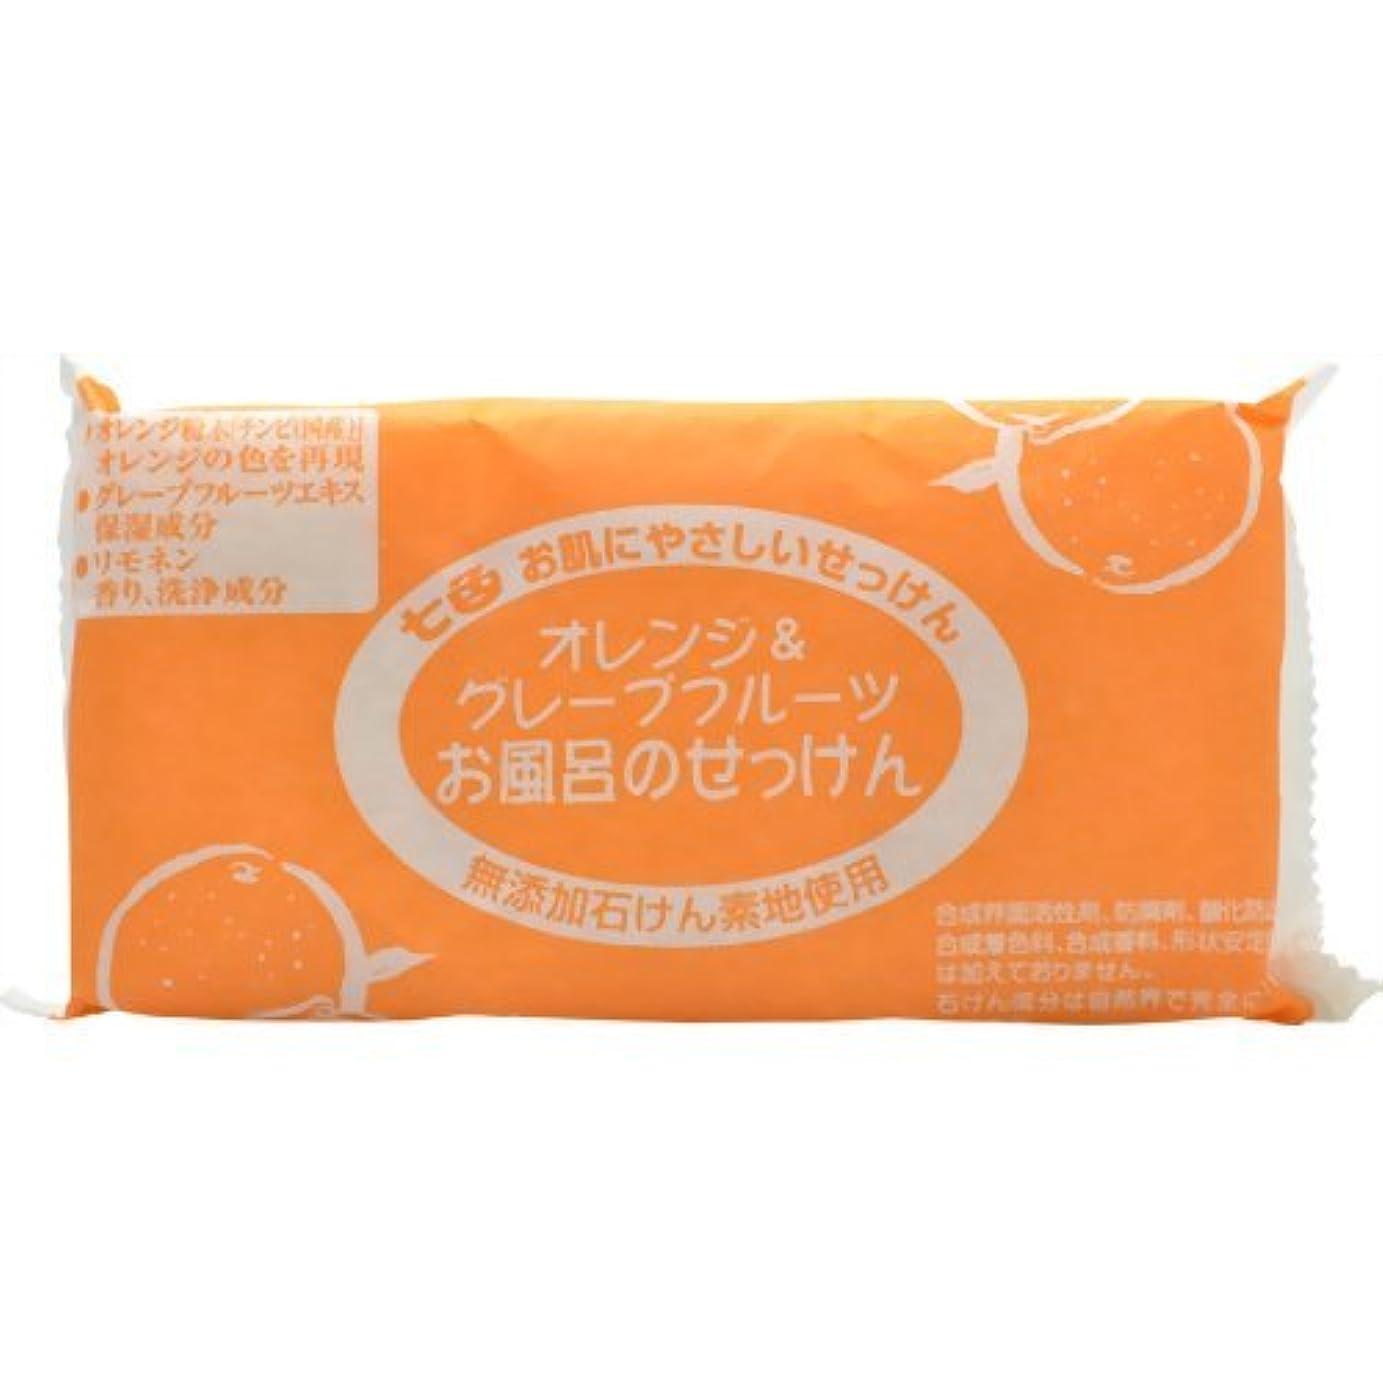 あからさま情熱的反対にまるは オレンジ&グレープフルーツ お風呂の石鹸 3個入り